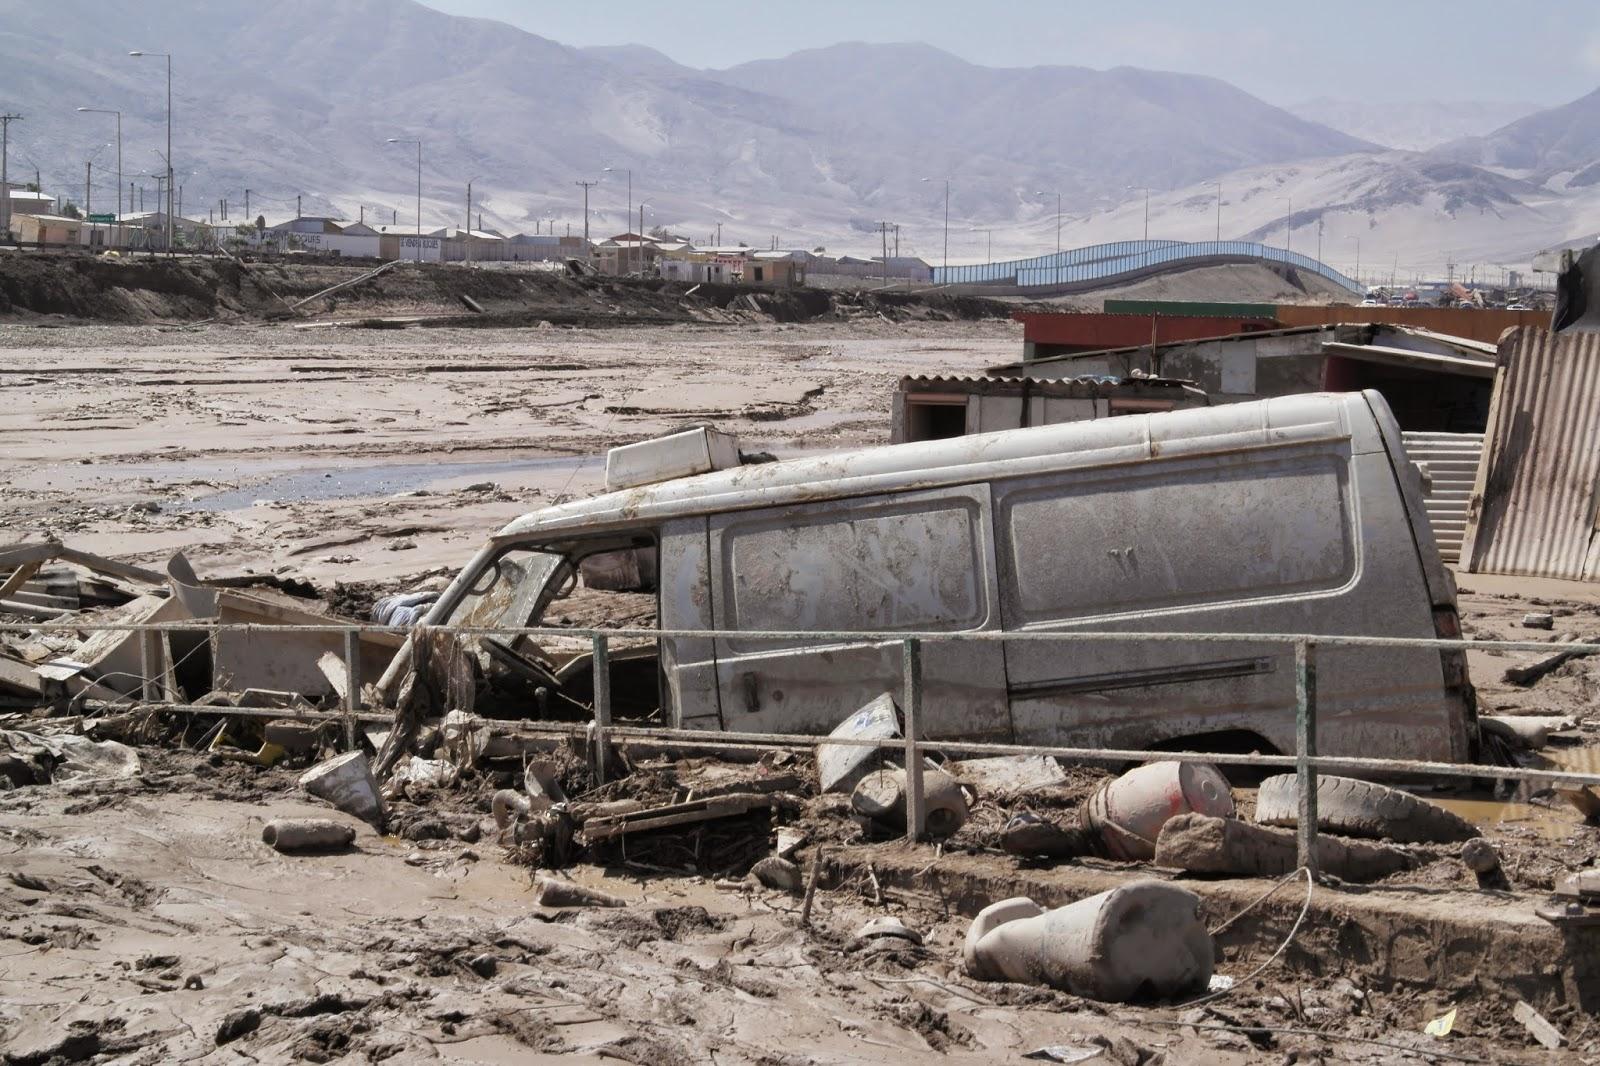 DECLARACIÓN PÚBLICA: Ante cobertura mediática por catástrofe en el norte del país